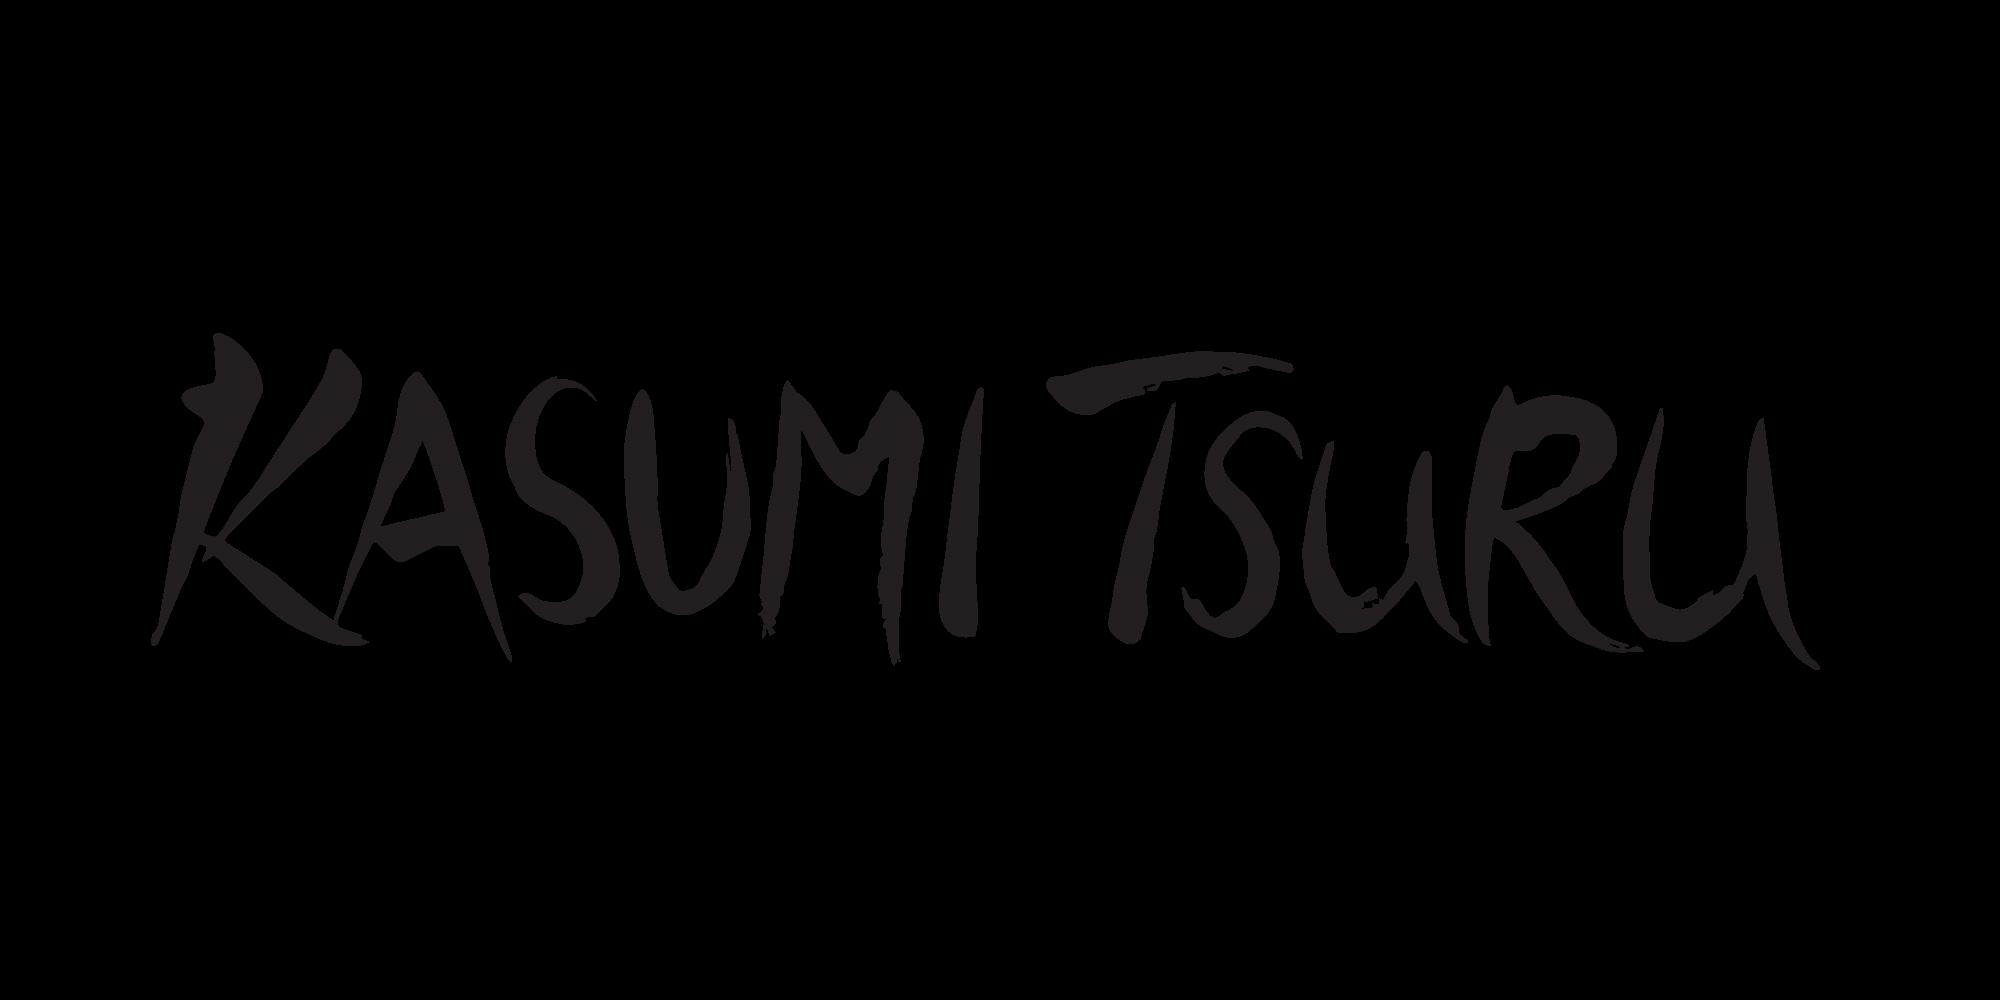 Black Kasumi Tsuru Logo